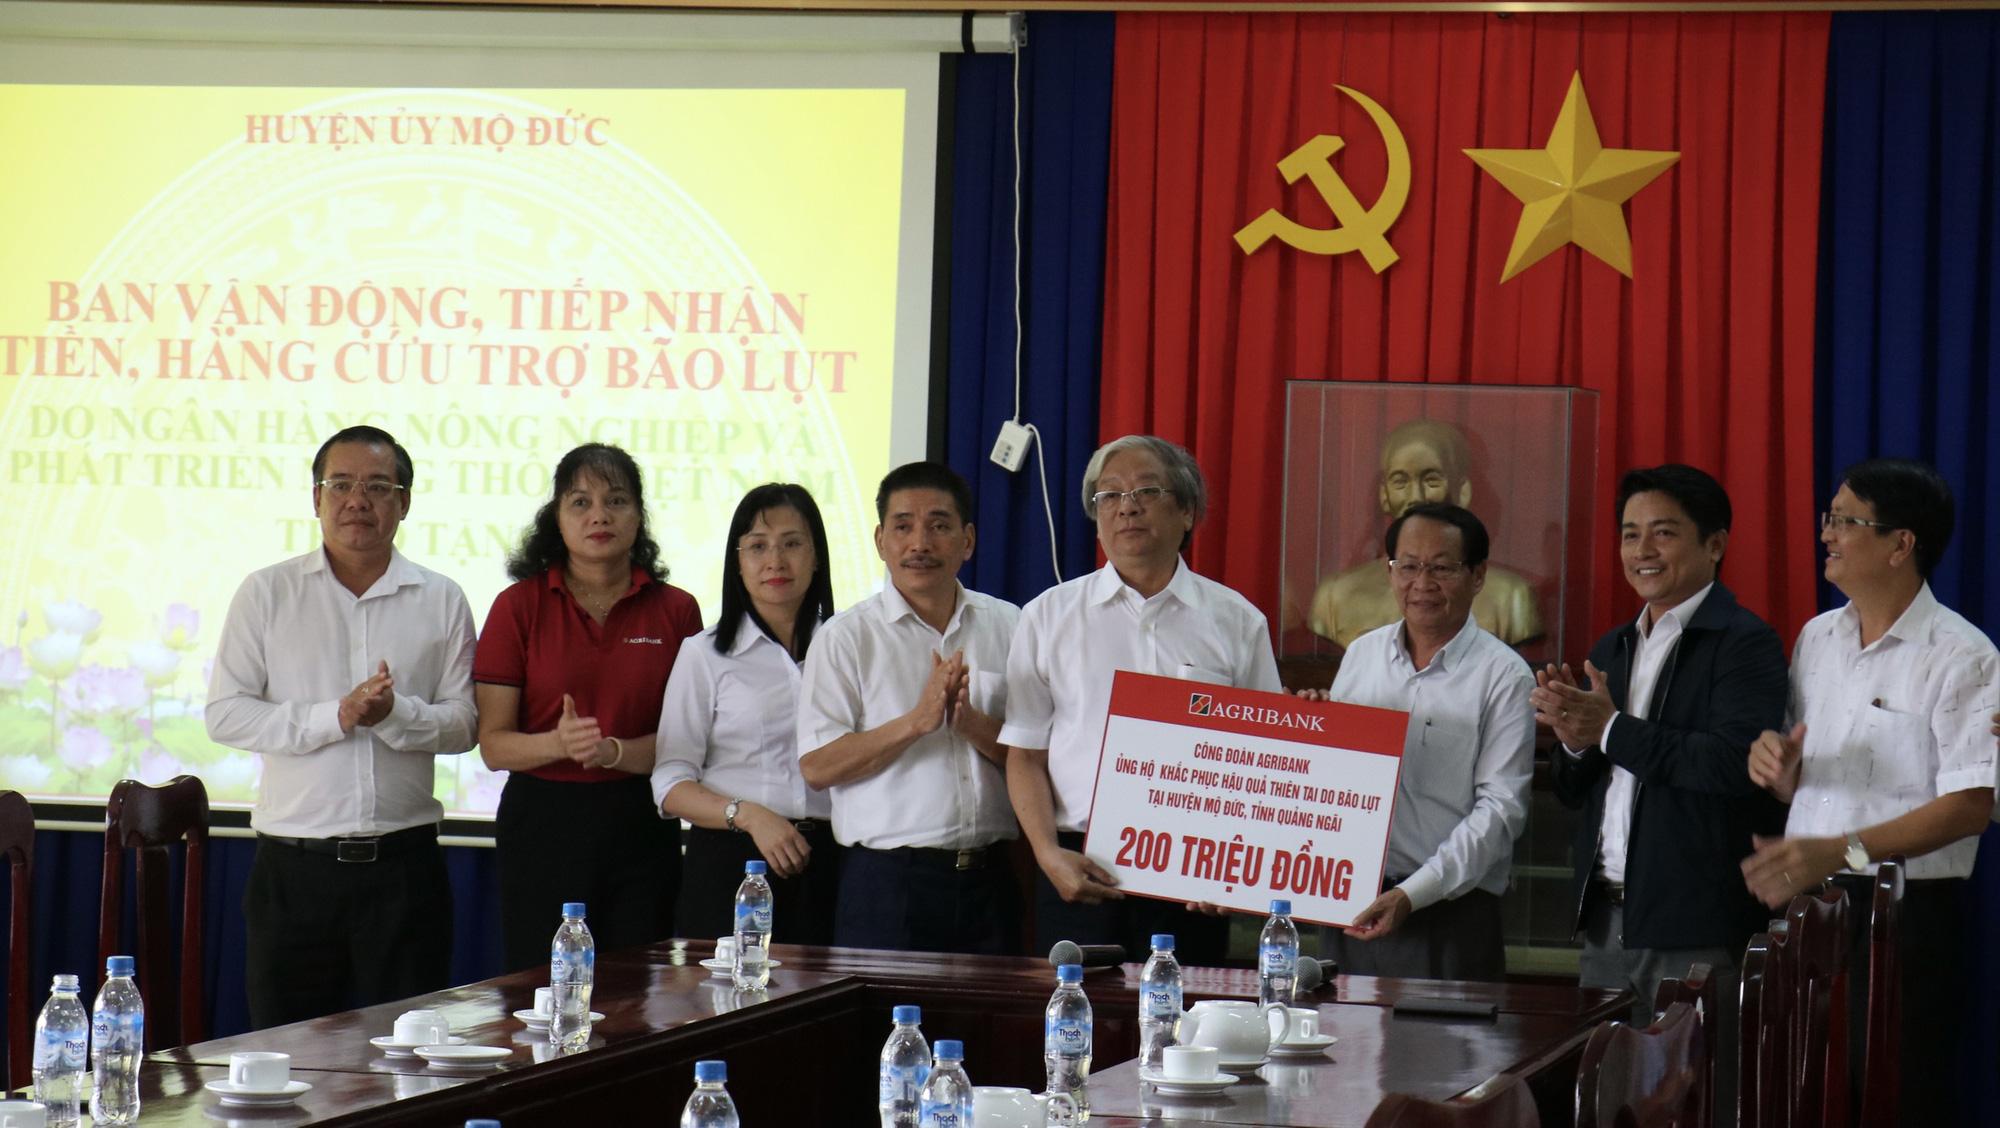 Agribank tiếp tục ủng hộ 1,3 tỷ đồng cho người dân Quảng Ngãi khắc phục hậu quả bão lũ - Ảnh 5.